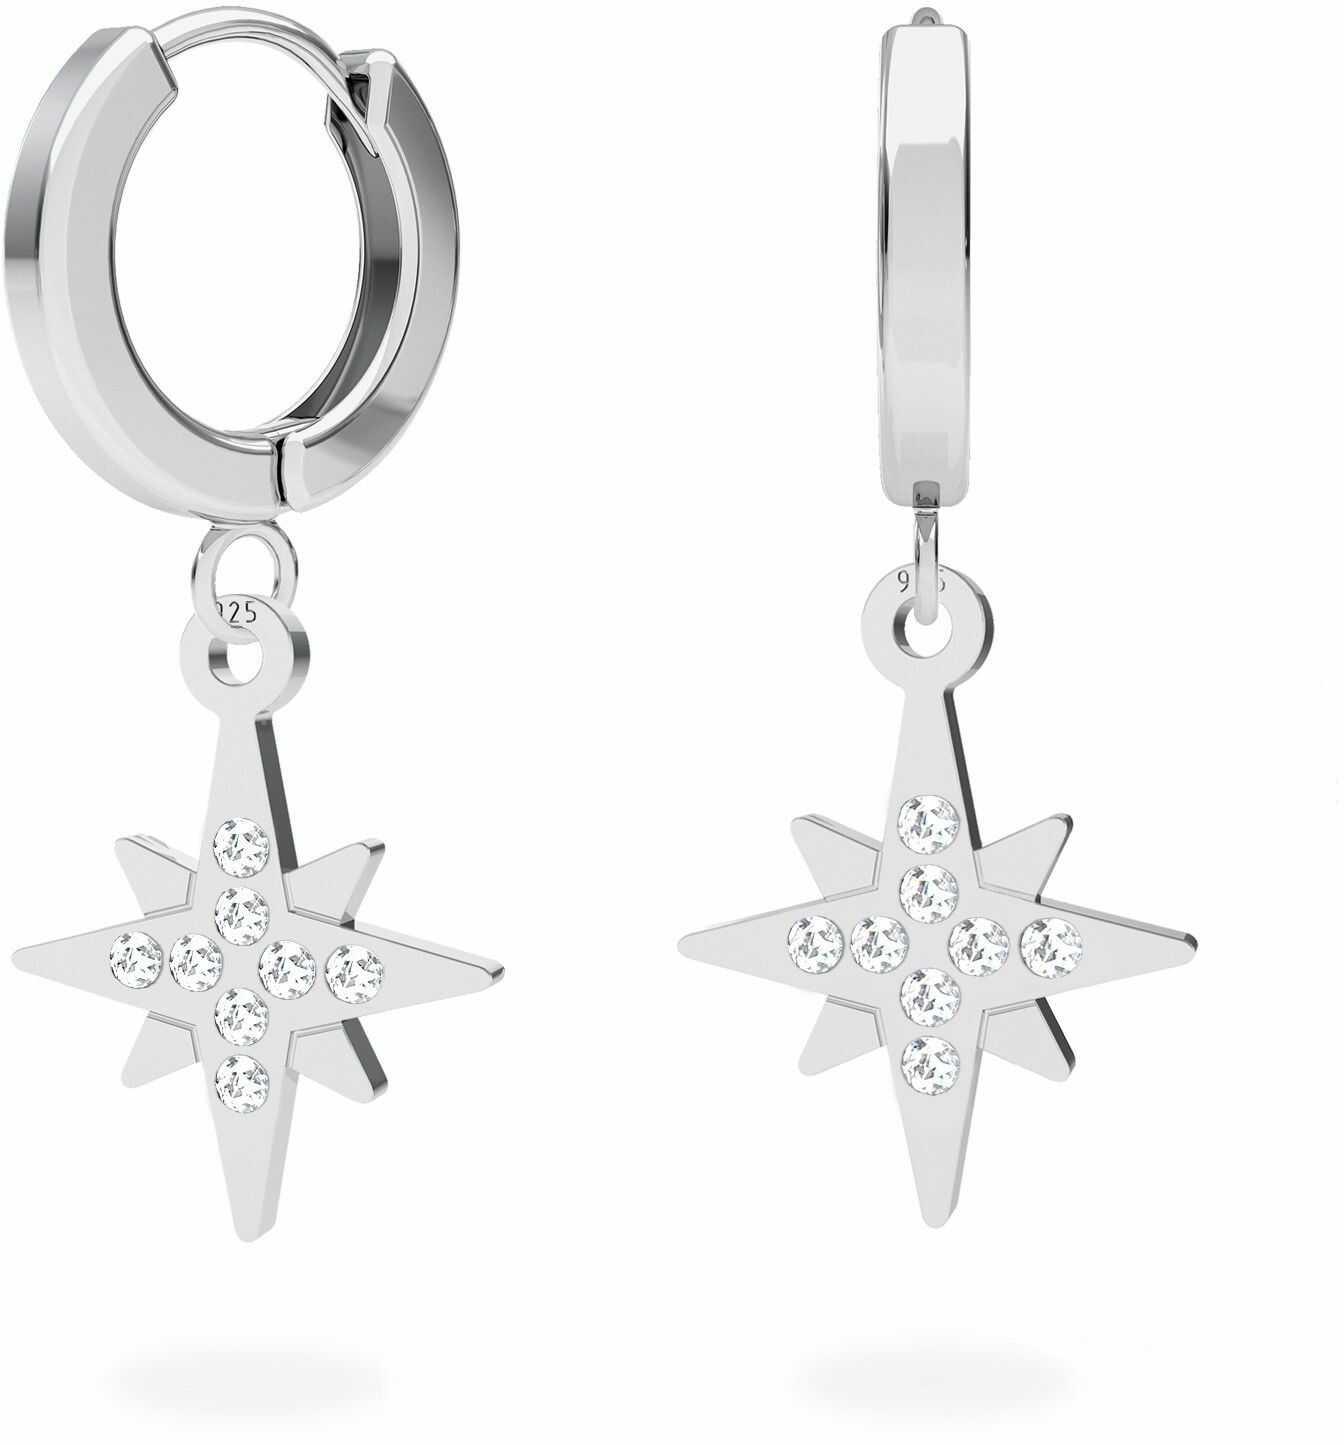 Srebrne kolczyki gwiazda północy z kryształami Swarovskiego, srebro 925 : Srebro - kolor pokrycia - Pokrycie platyną